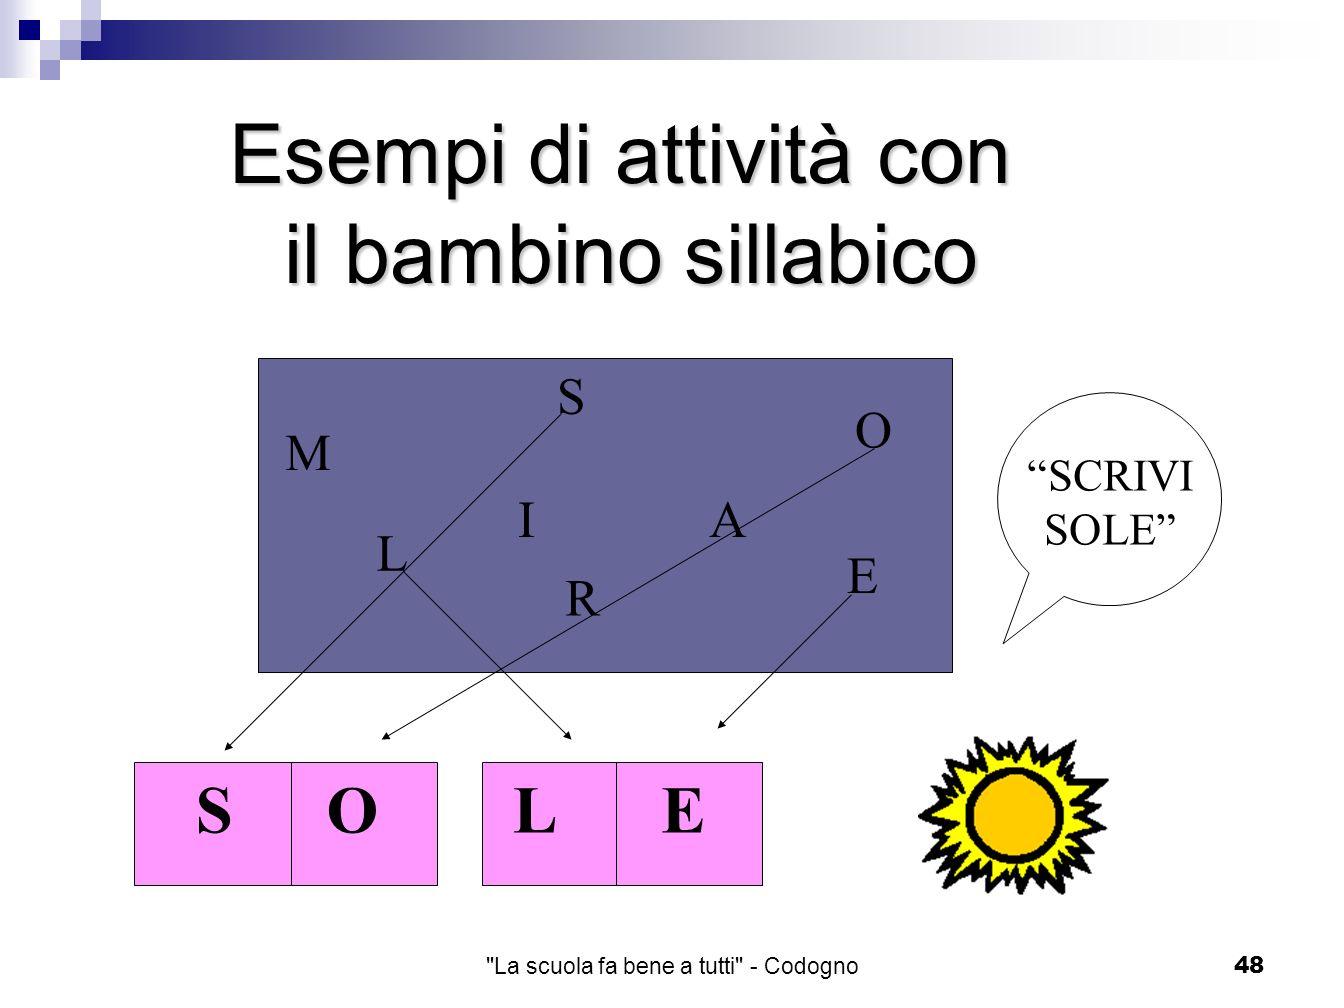 La scuola fa bene a tutti - Codogno48 Esempi di attività con il bambino sillabico M S L AI O E R SCRIVI SOLE SOLE